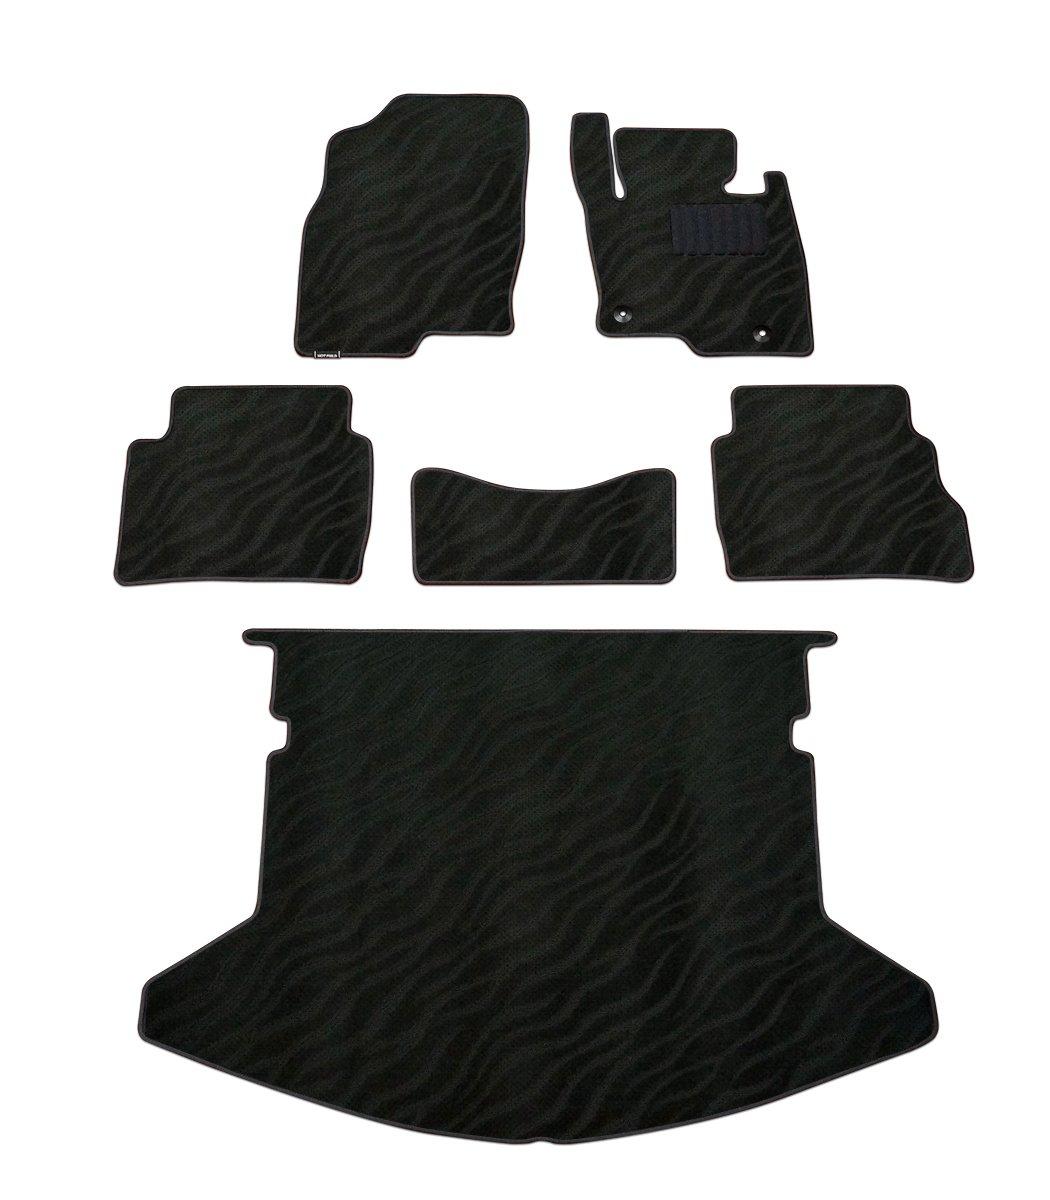 Hotfield マツダ CX-5 フロアマット+トランクマット WAVEブラック KE系 (2012年2月~2017年1月)/フットレスト一体形状 B01N181P1M KE系 (2012年2月~2017年1月)/フットレスト一体形状 WAVEブラック WAVEブラック KE系 (2012年2月~2017年1月)/フットレスト一体形状